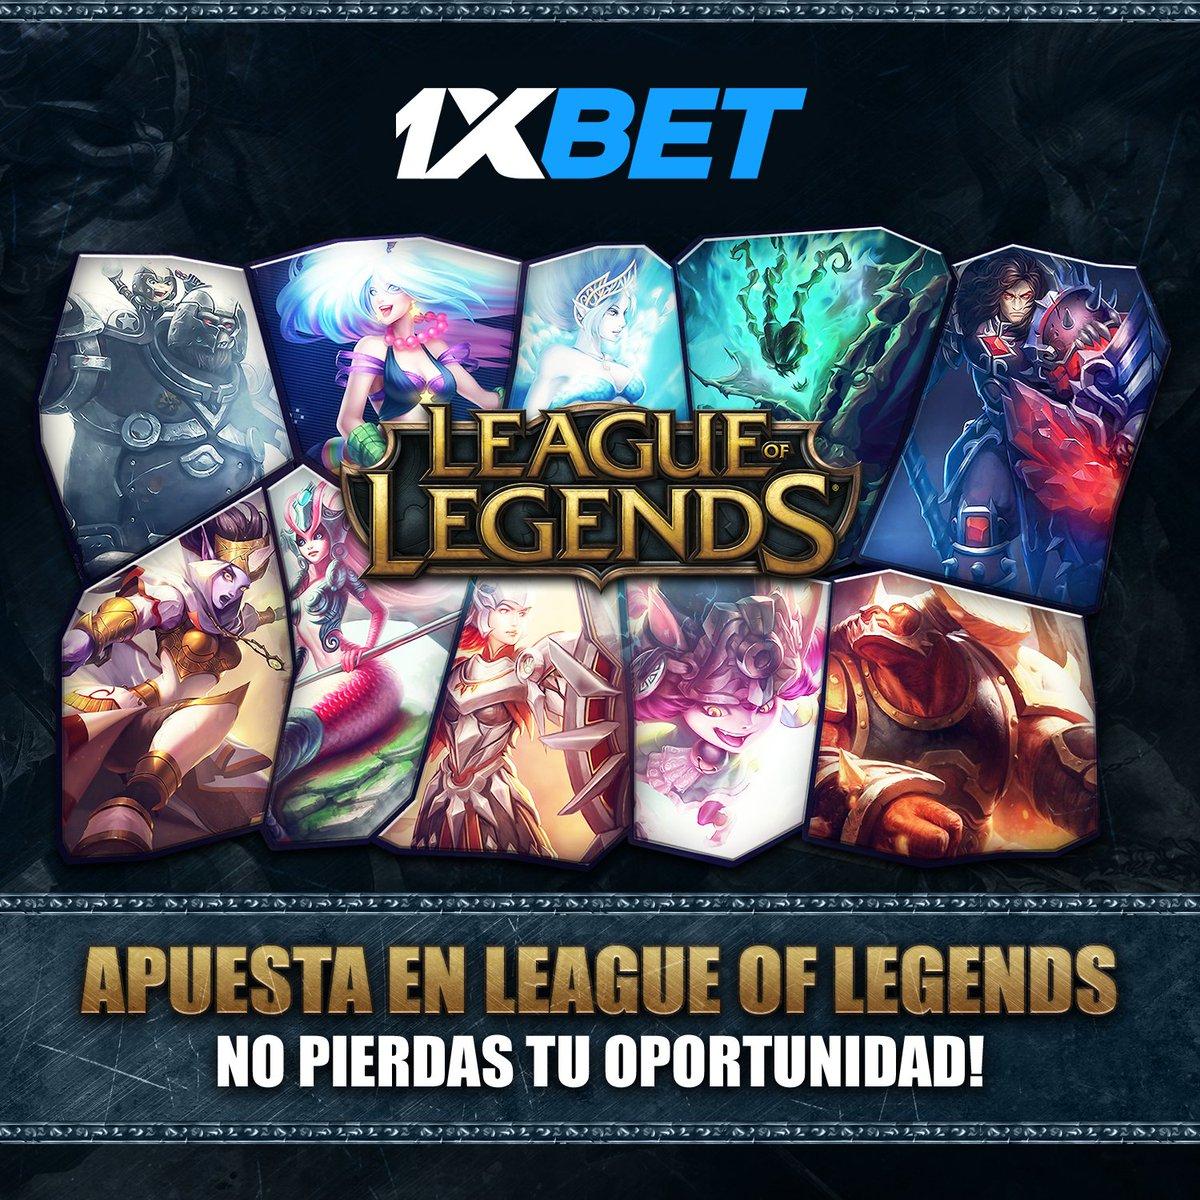 ¿Amante del League of Legends competitivo? Obten ganancias con @1xBet_LAT   • Registrate  • Introduce el codigo JFGPRO y obten un bono de hasta el 130% sobre el valor de tu depósitopic.twitter.com/JRHH447Md3